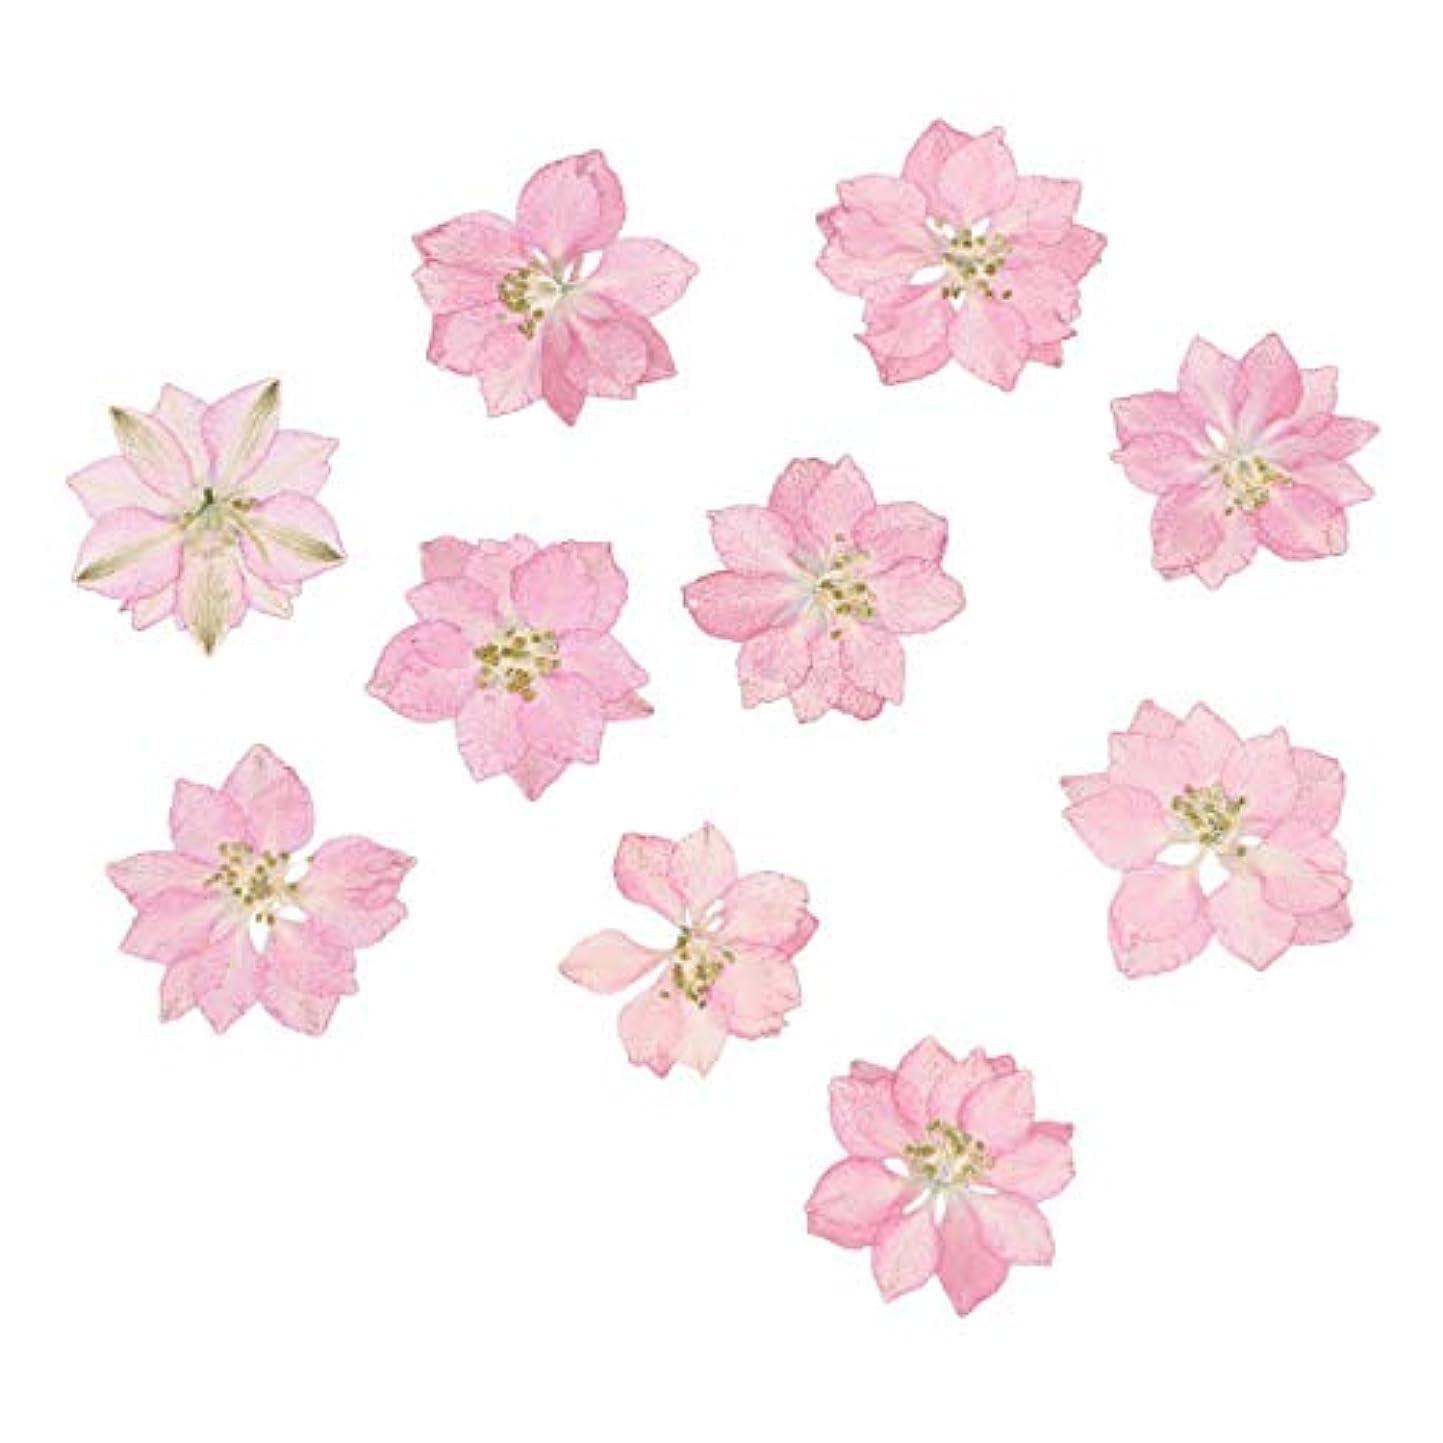 リマークフライト黒くするHEALLILY リアルドライ押花天然花飾り用diyジュエリーペンダント電話ケースカード20ピース